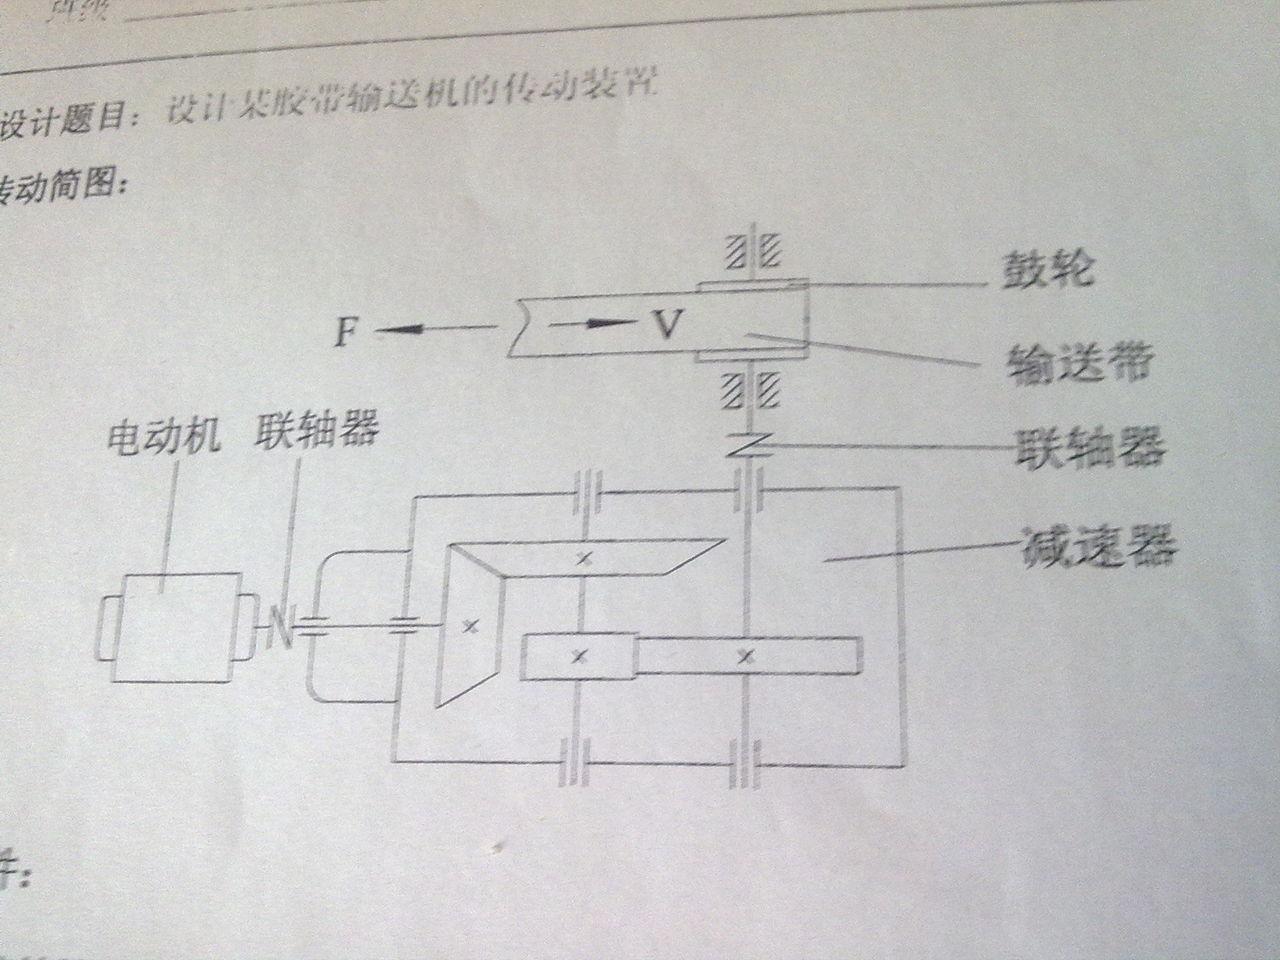 圆柱 圆锥 圆锥圆柱齿轮减速器 圆柱与圆锥思维导图图片